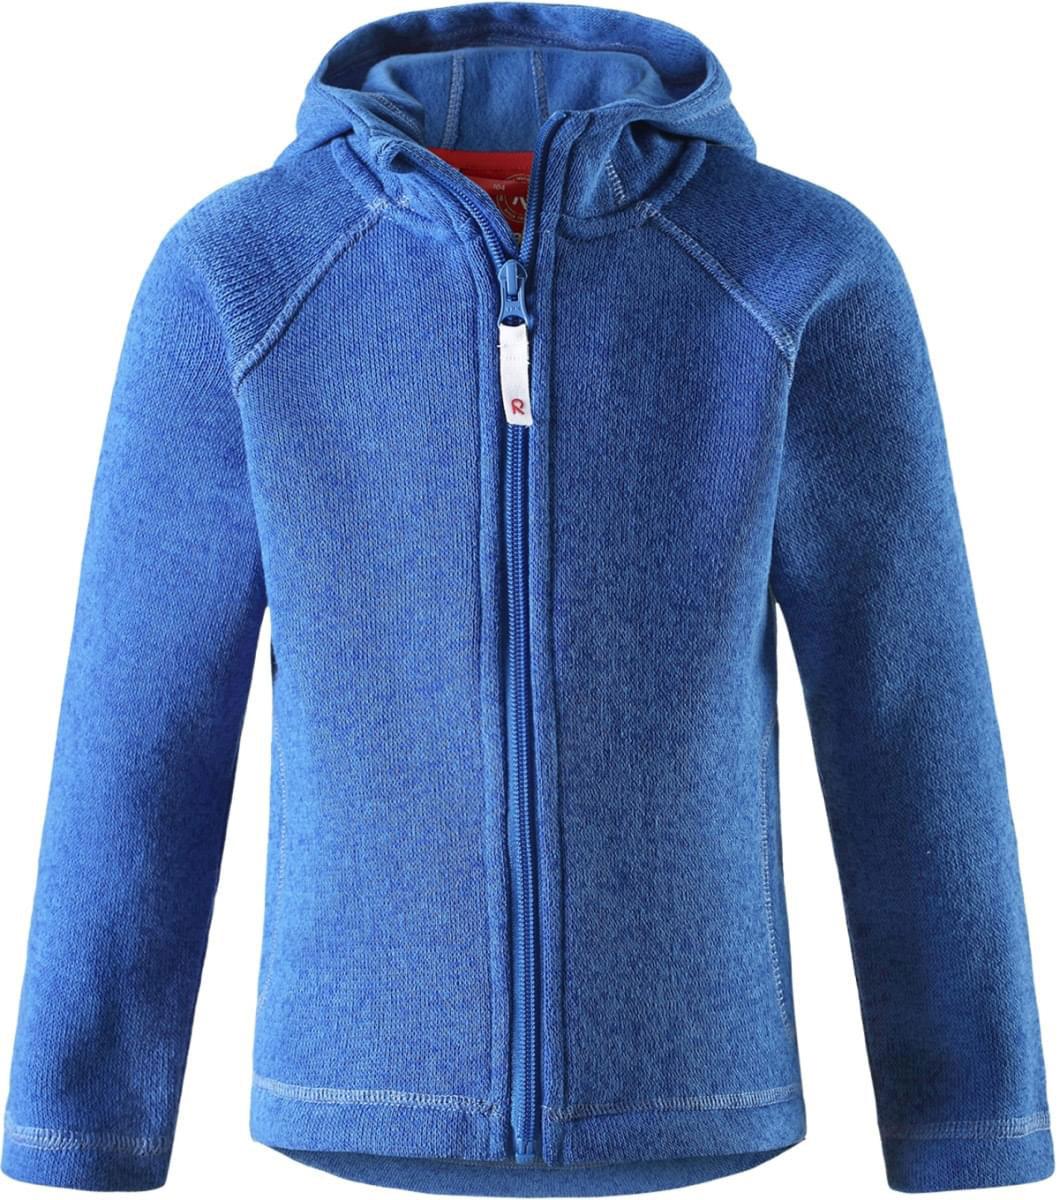 Толстовка флисовая детская Reima Pursi, цвет: синий. 5262516530. Размер 1405262516530Детская флисовая толстовка Reima с капюшоном отличный вариант на прохладный день. Можно использовать как верхнюю одежду в сухую погоду весной и осенью или надевать в качестве промежуточного слоя в холода. Обратите внимание на удобную систему кнопок Play Layers, с помощью которой легко присоединить эту модель к одежде из серии Reima Play Layers и обеспечить ребенку дополнительное тепло и комфорт. Высококачественный флис - это теплый, легкий и быстросохнущий материал, он идеально подходит для активных прогулок. Удлиненная спинка обеспечивает дополнительную защиту для поясницы, а молния во всю длину с защитой для подбородка облегчает надевание.